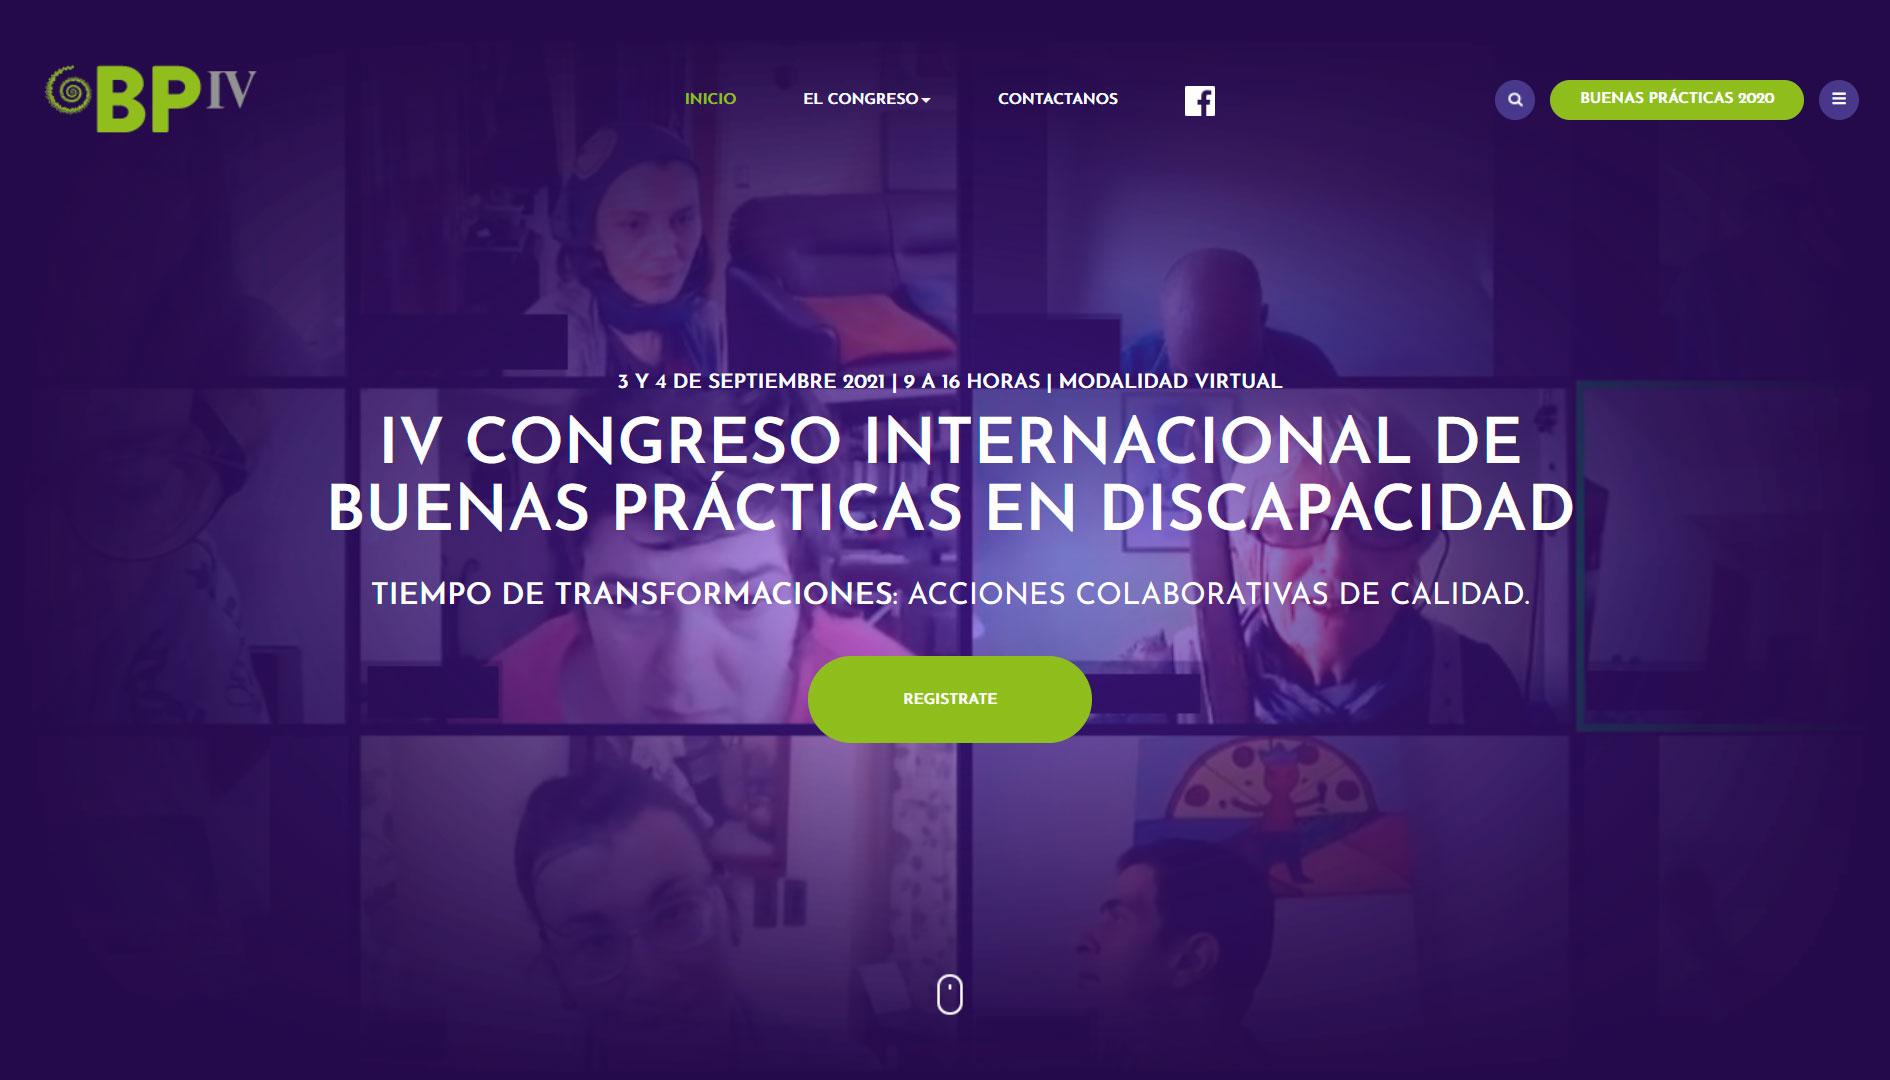 IV Congreso Internacional de Buenas Prácticas en Discapacidad